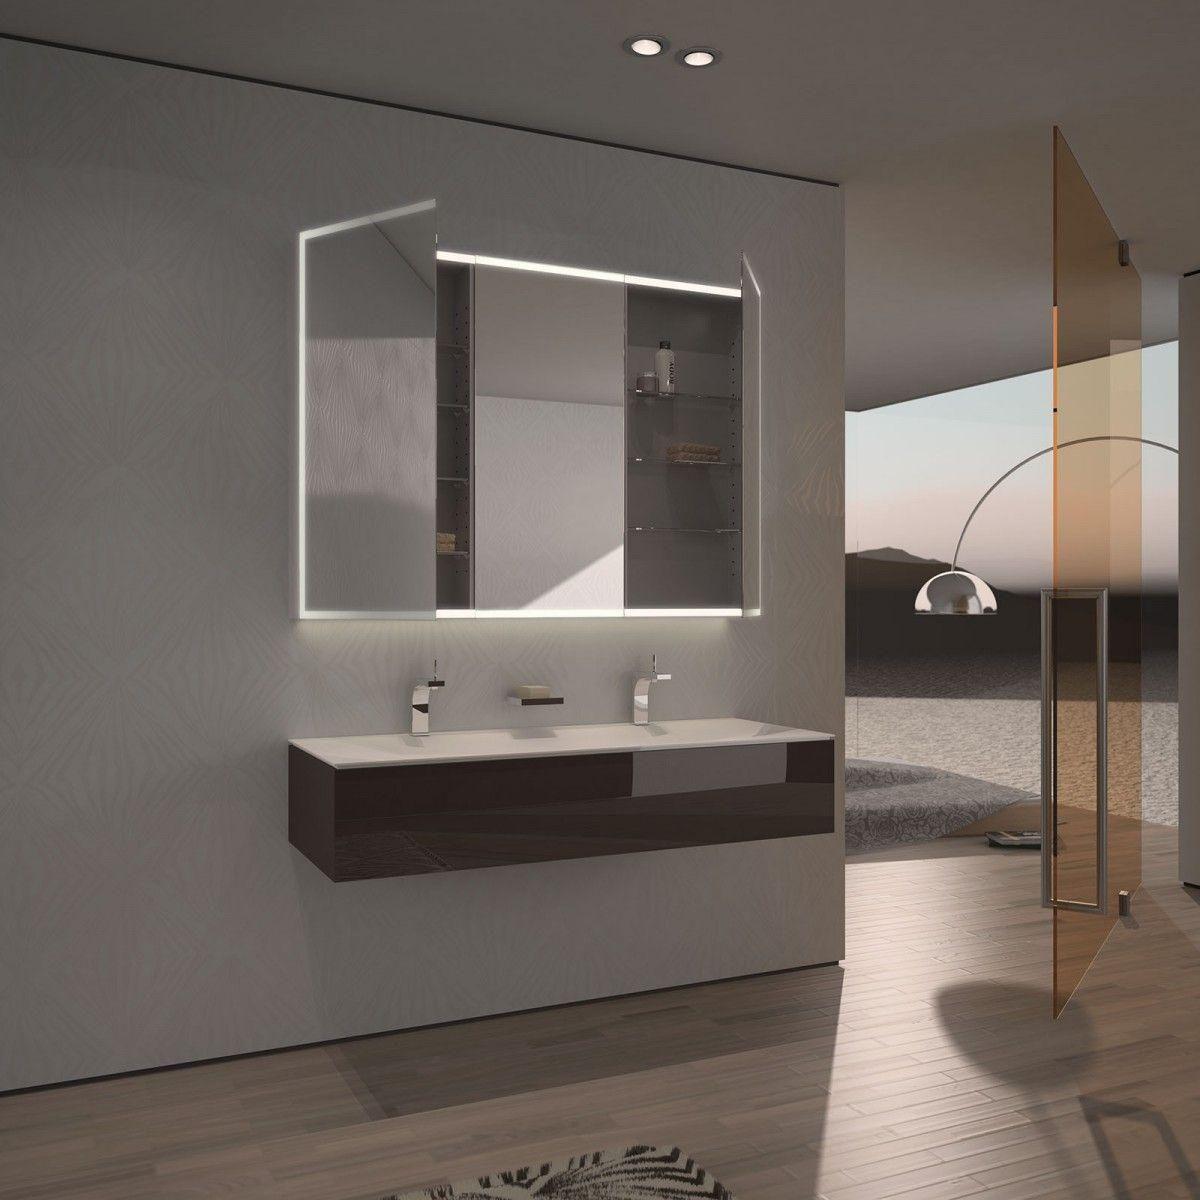 Badezimmer spiegelschrank, Beeindruckend spiegelschrank